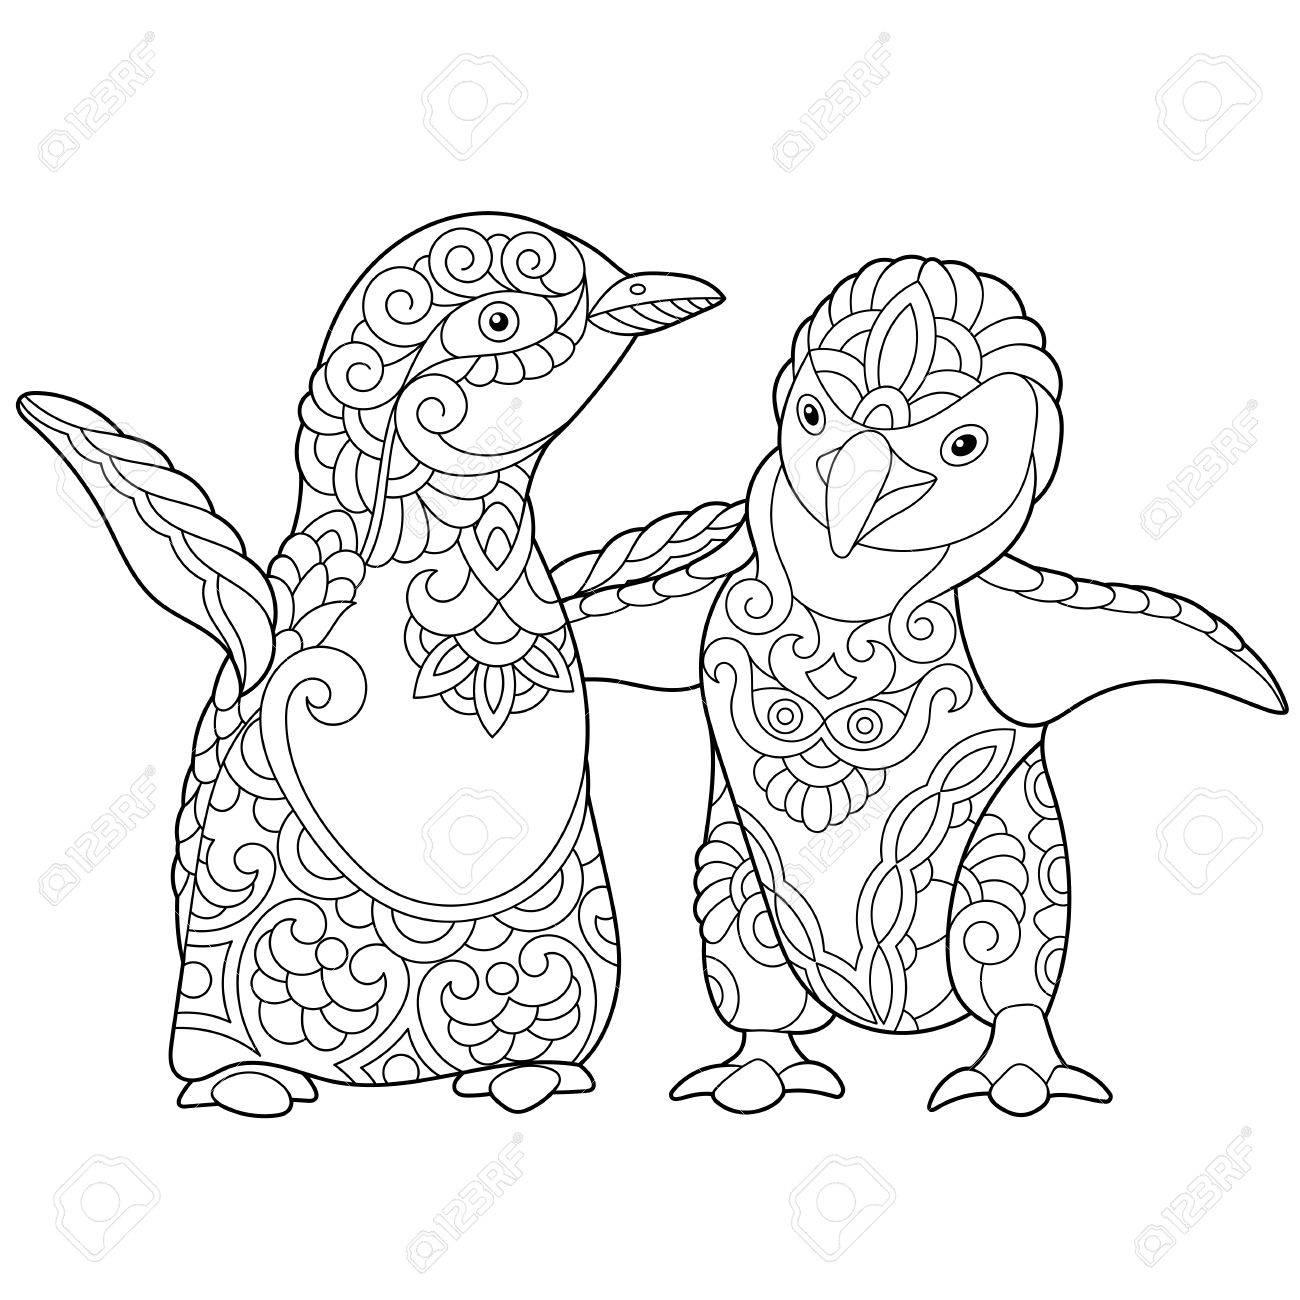 Dibujo Para Colorear De Los Pingüinos Emperador Jóvenes Aislados En Fondo Blanco Dibujo De Bosquejo A Mano Alzada Para El Libro Para Colorear